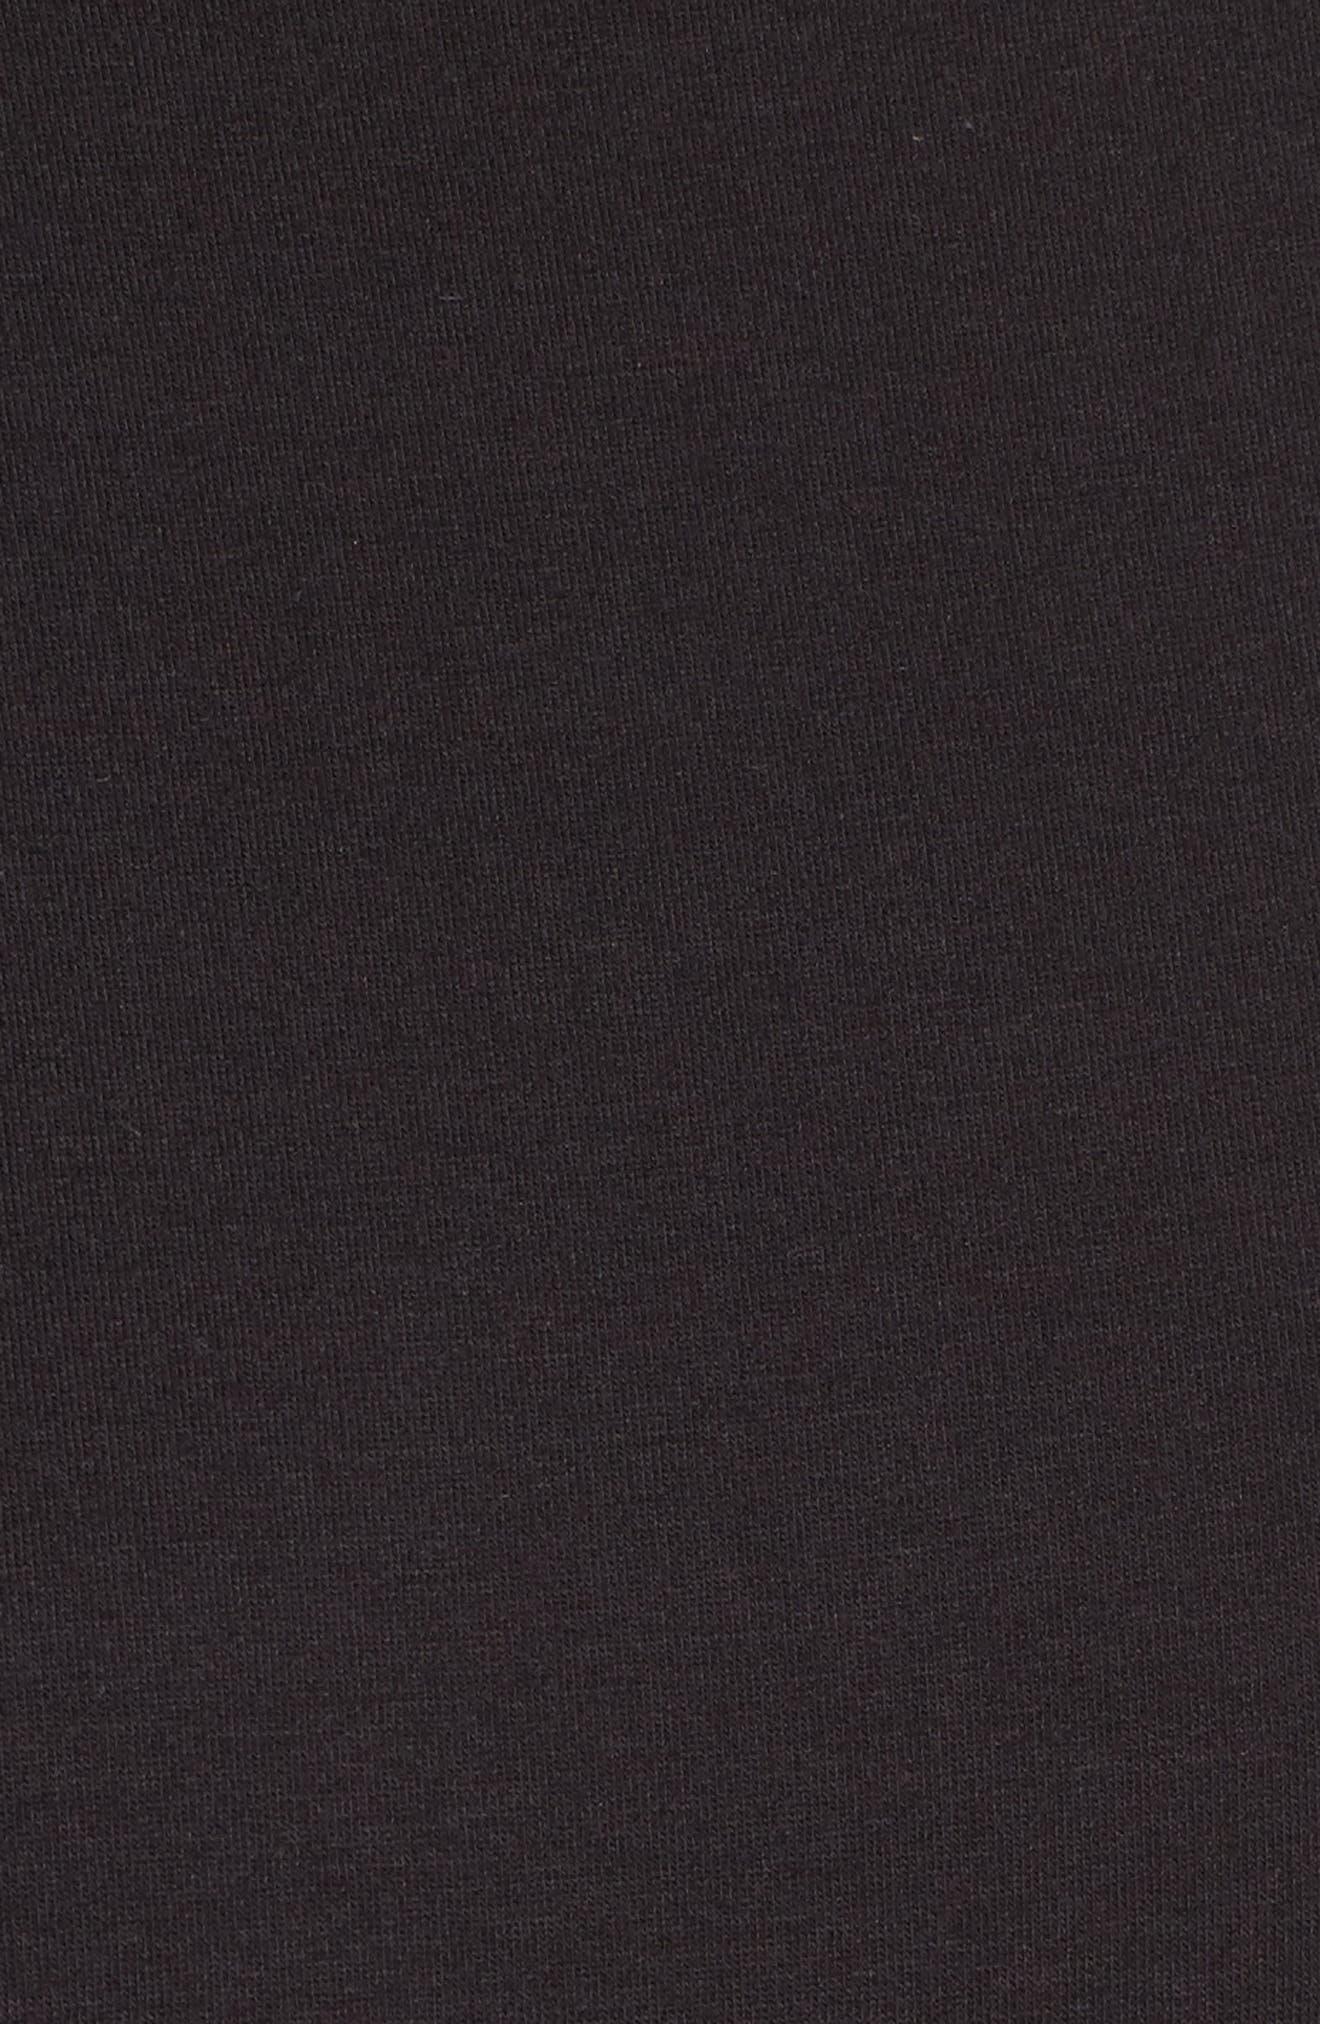 Colombe Knit Sheath Dress,                             Alternate thumbnail 5, color,                             Black